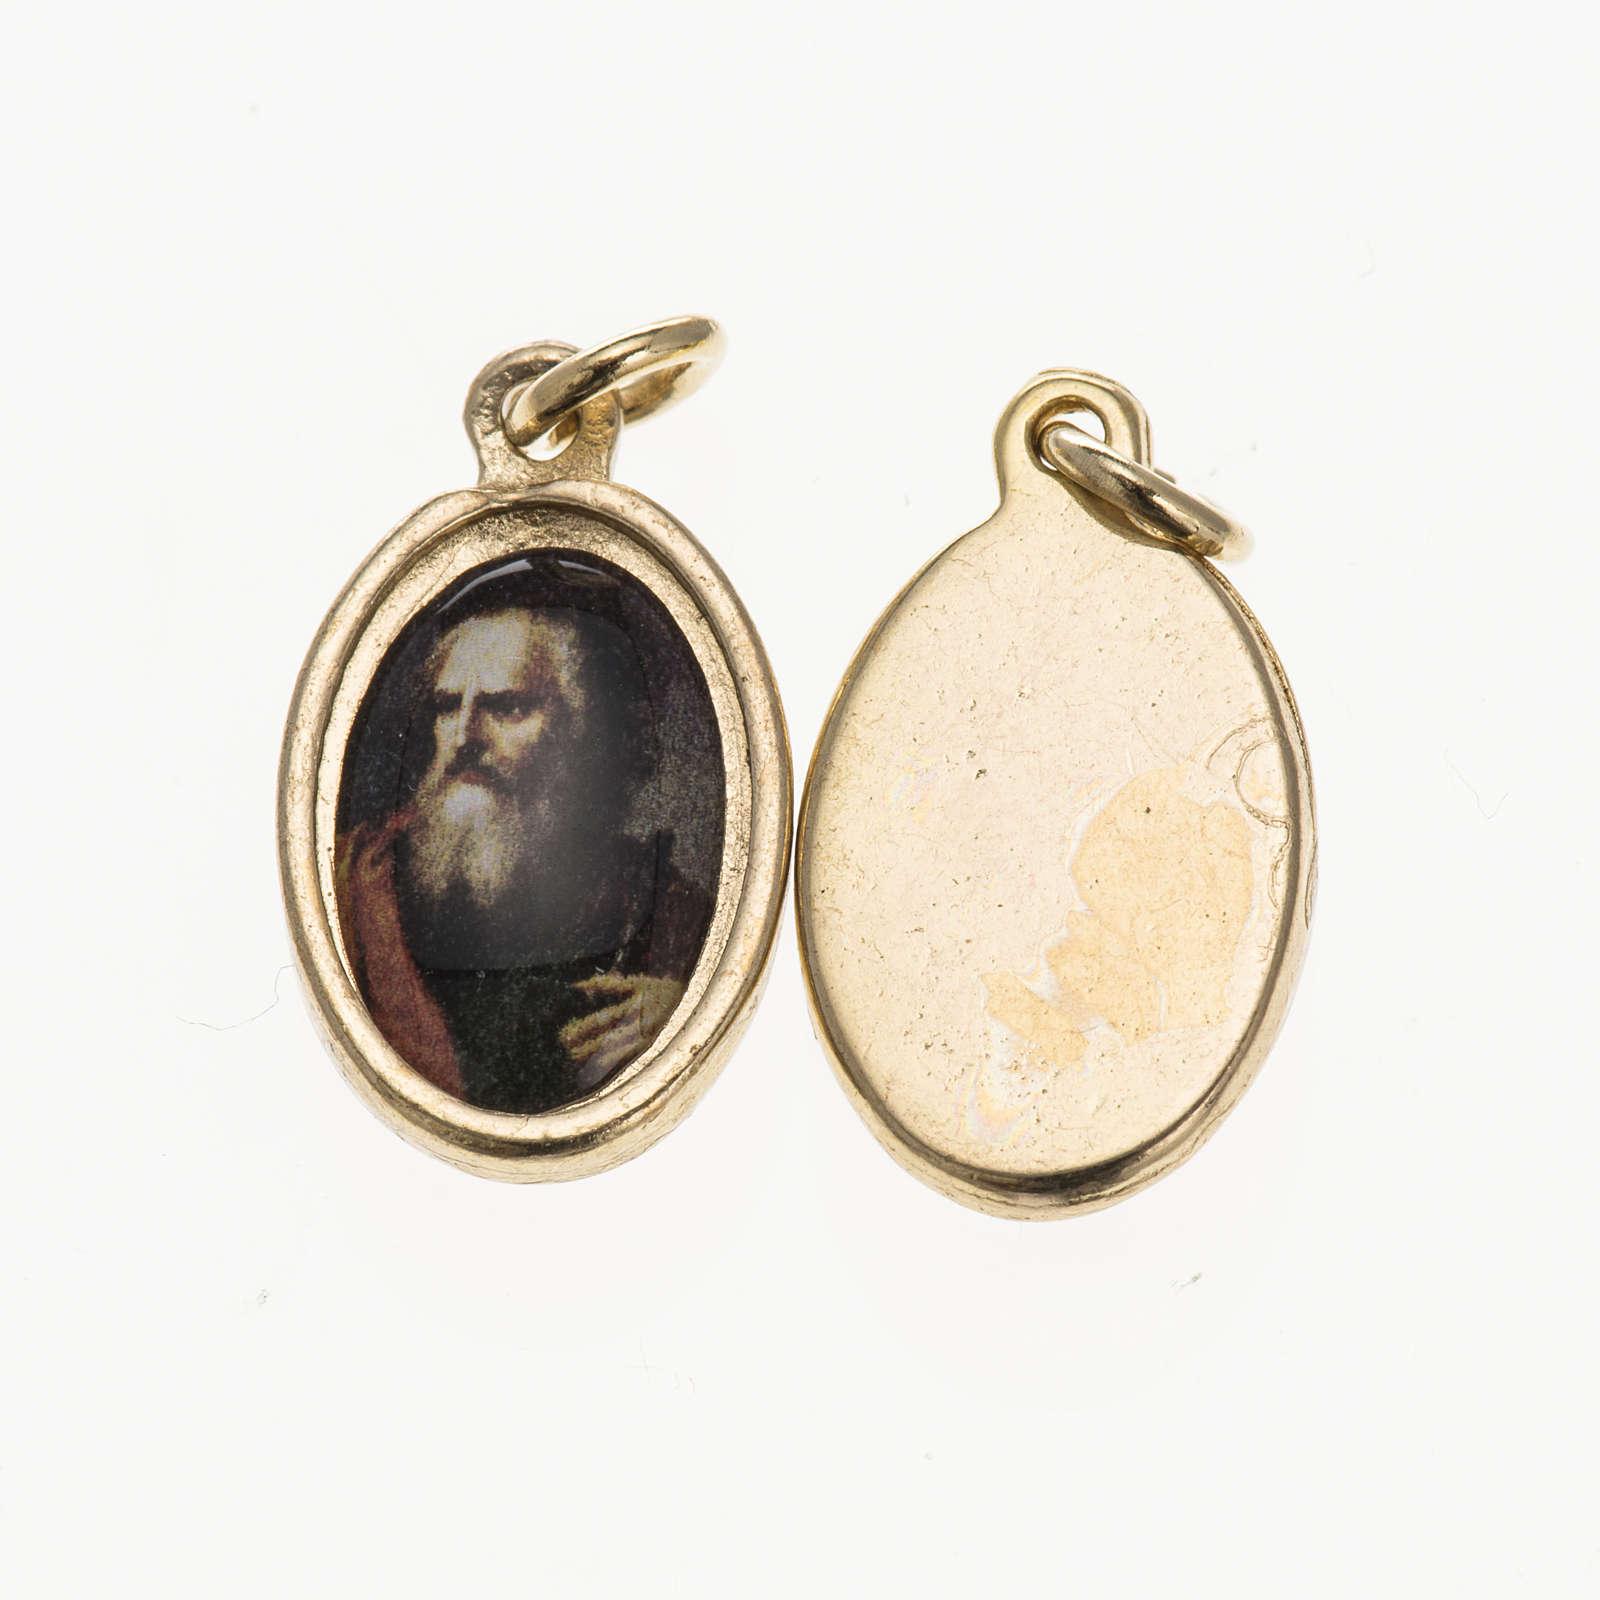 Medaglia volto San Paolo metallo dorato resina 1,5x1 cm 4